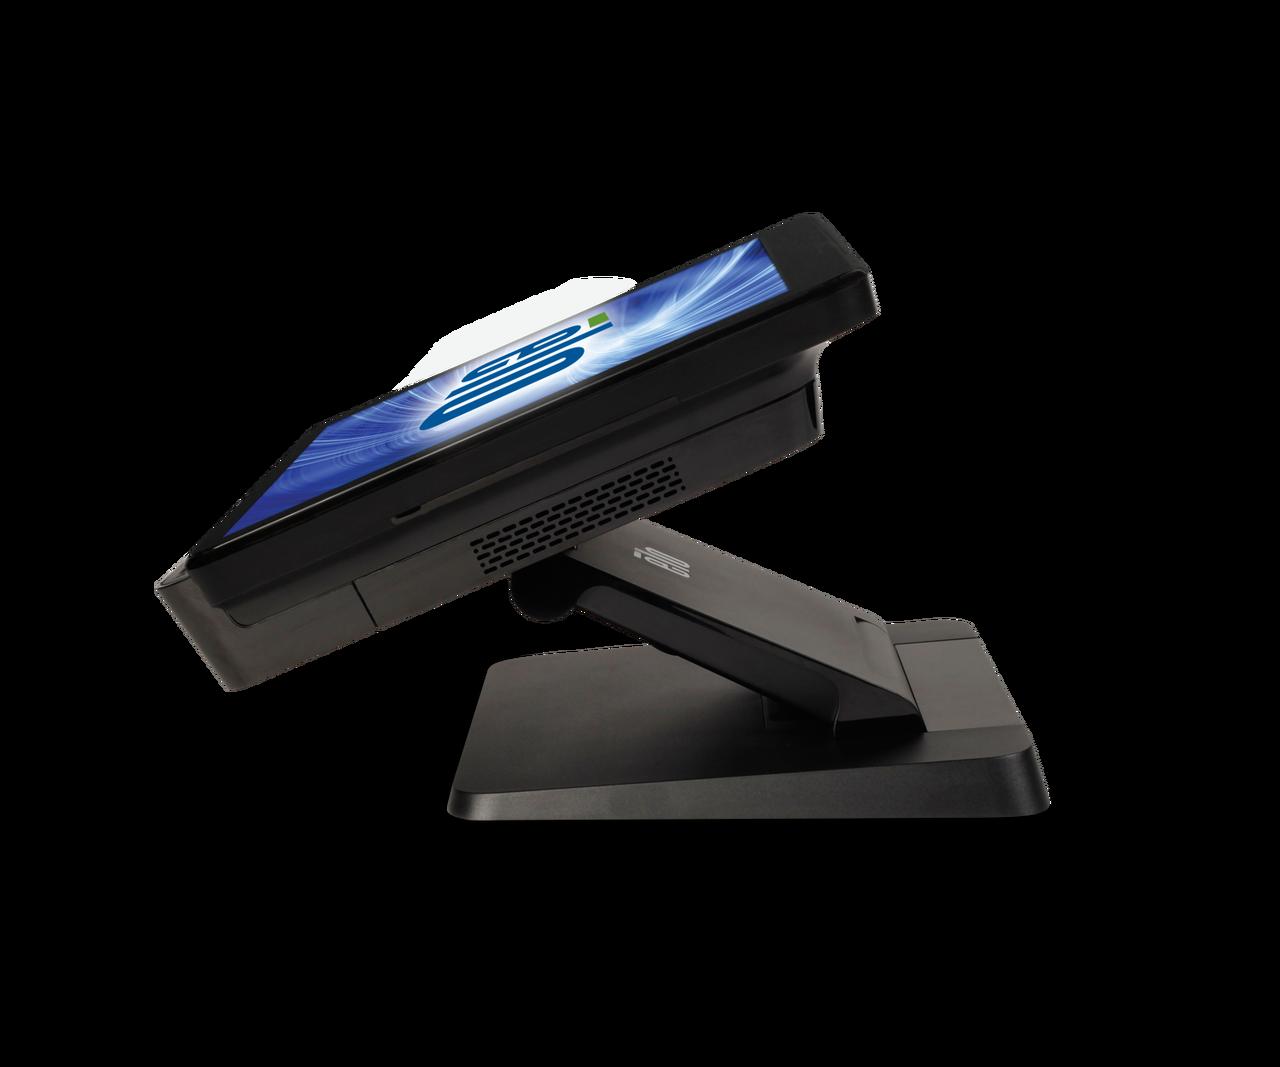 Elo Touchscreen Computer